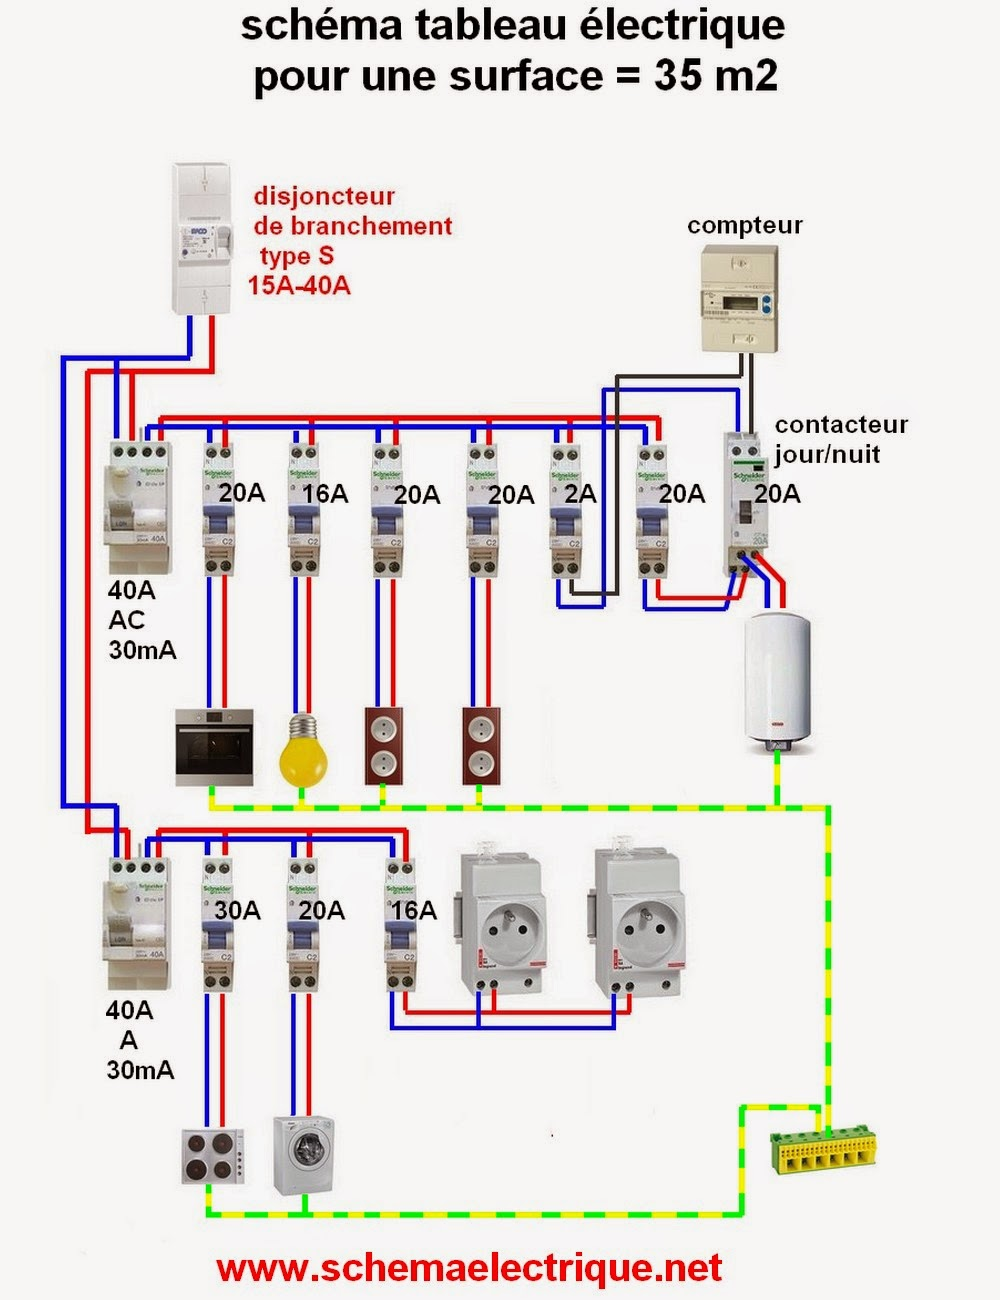 sch ma branchement c blage tableau electrique cours d 39 electrom canique. Black Bedroom Furniture Sets. Home Design Ideas